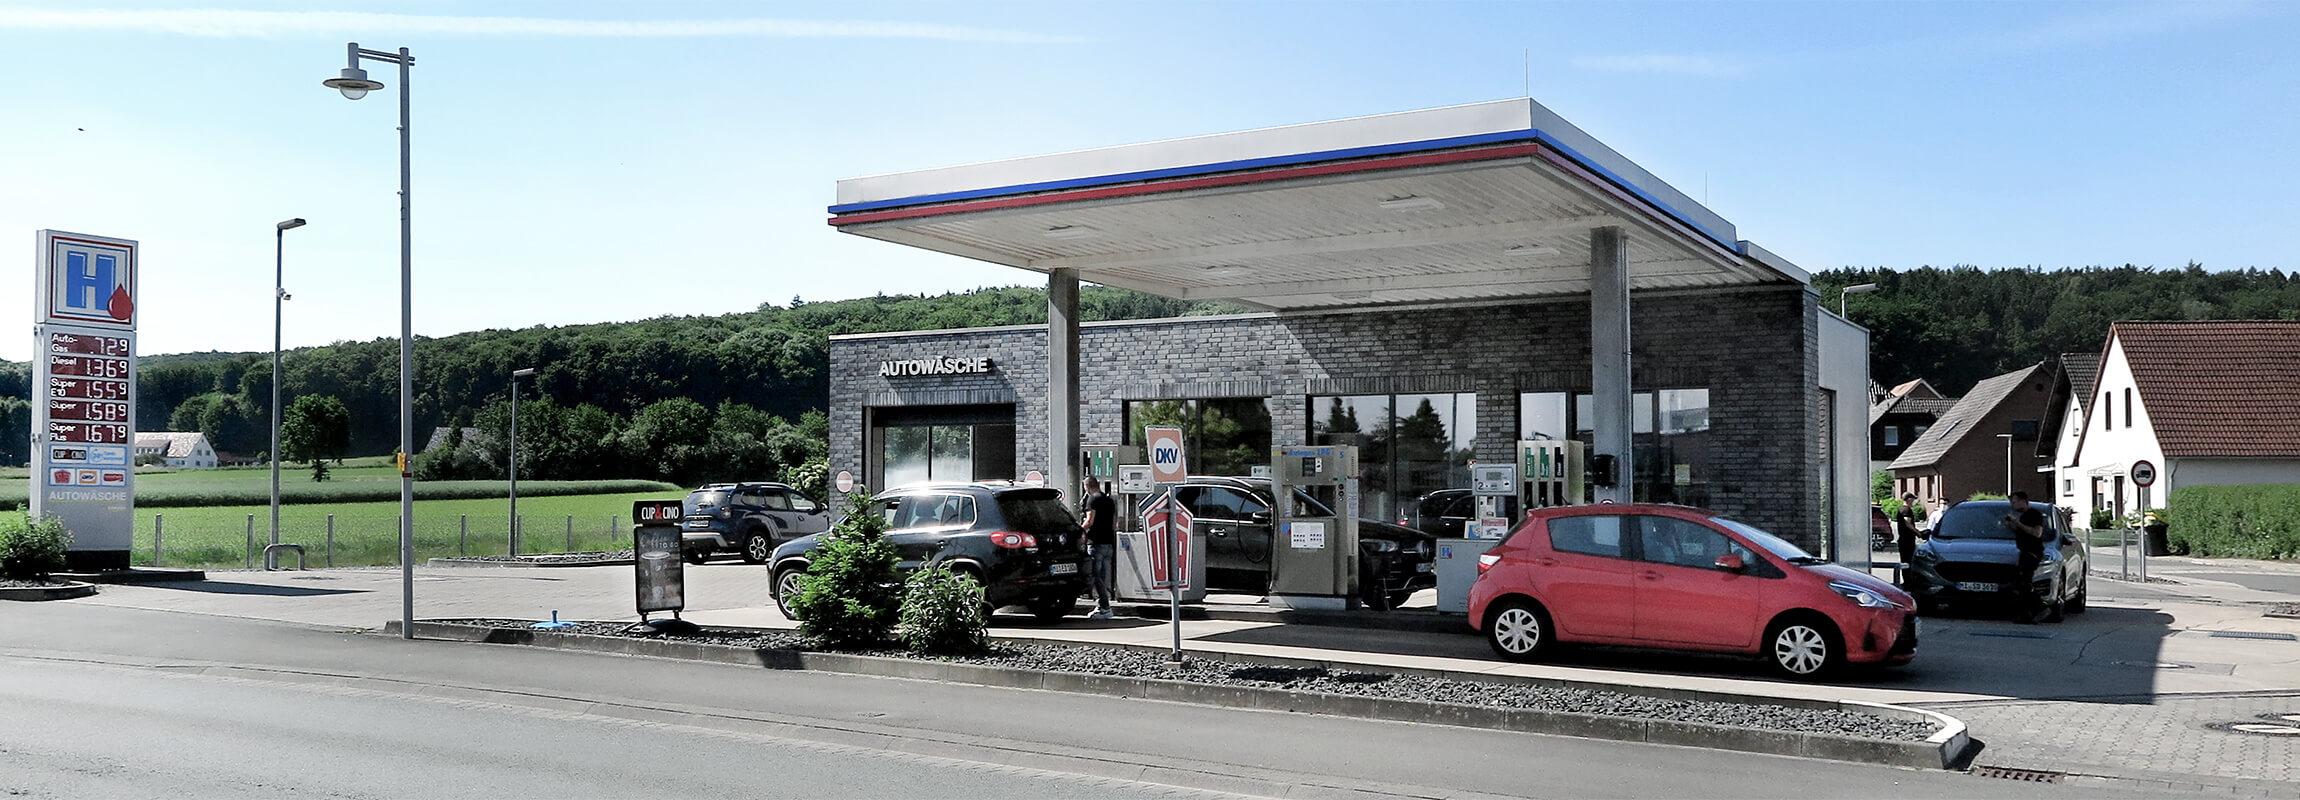 Hempelmann Tankstellen Preussisch Oldendorf Header 2021